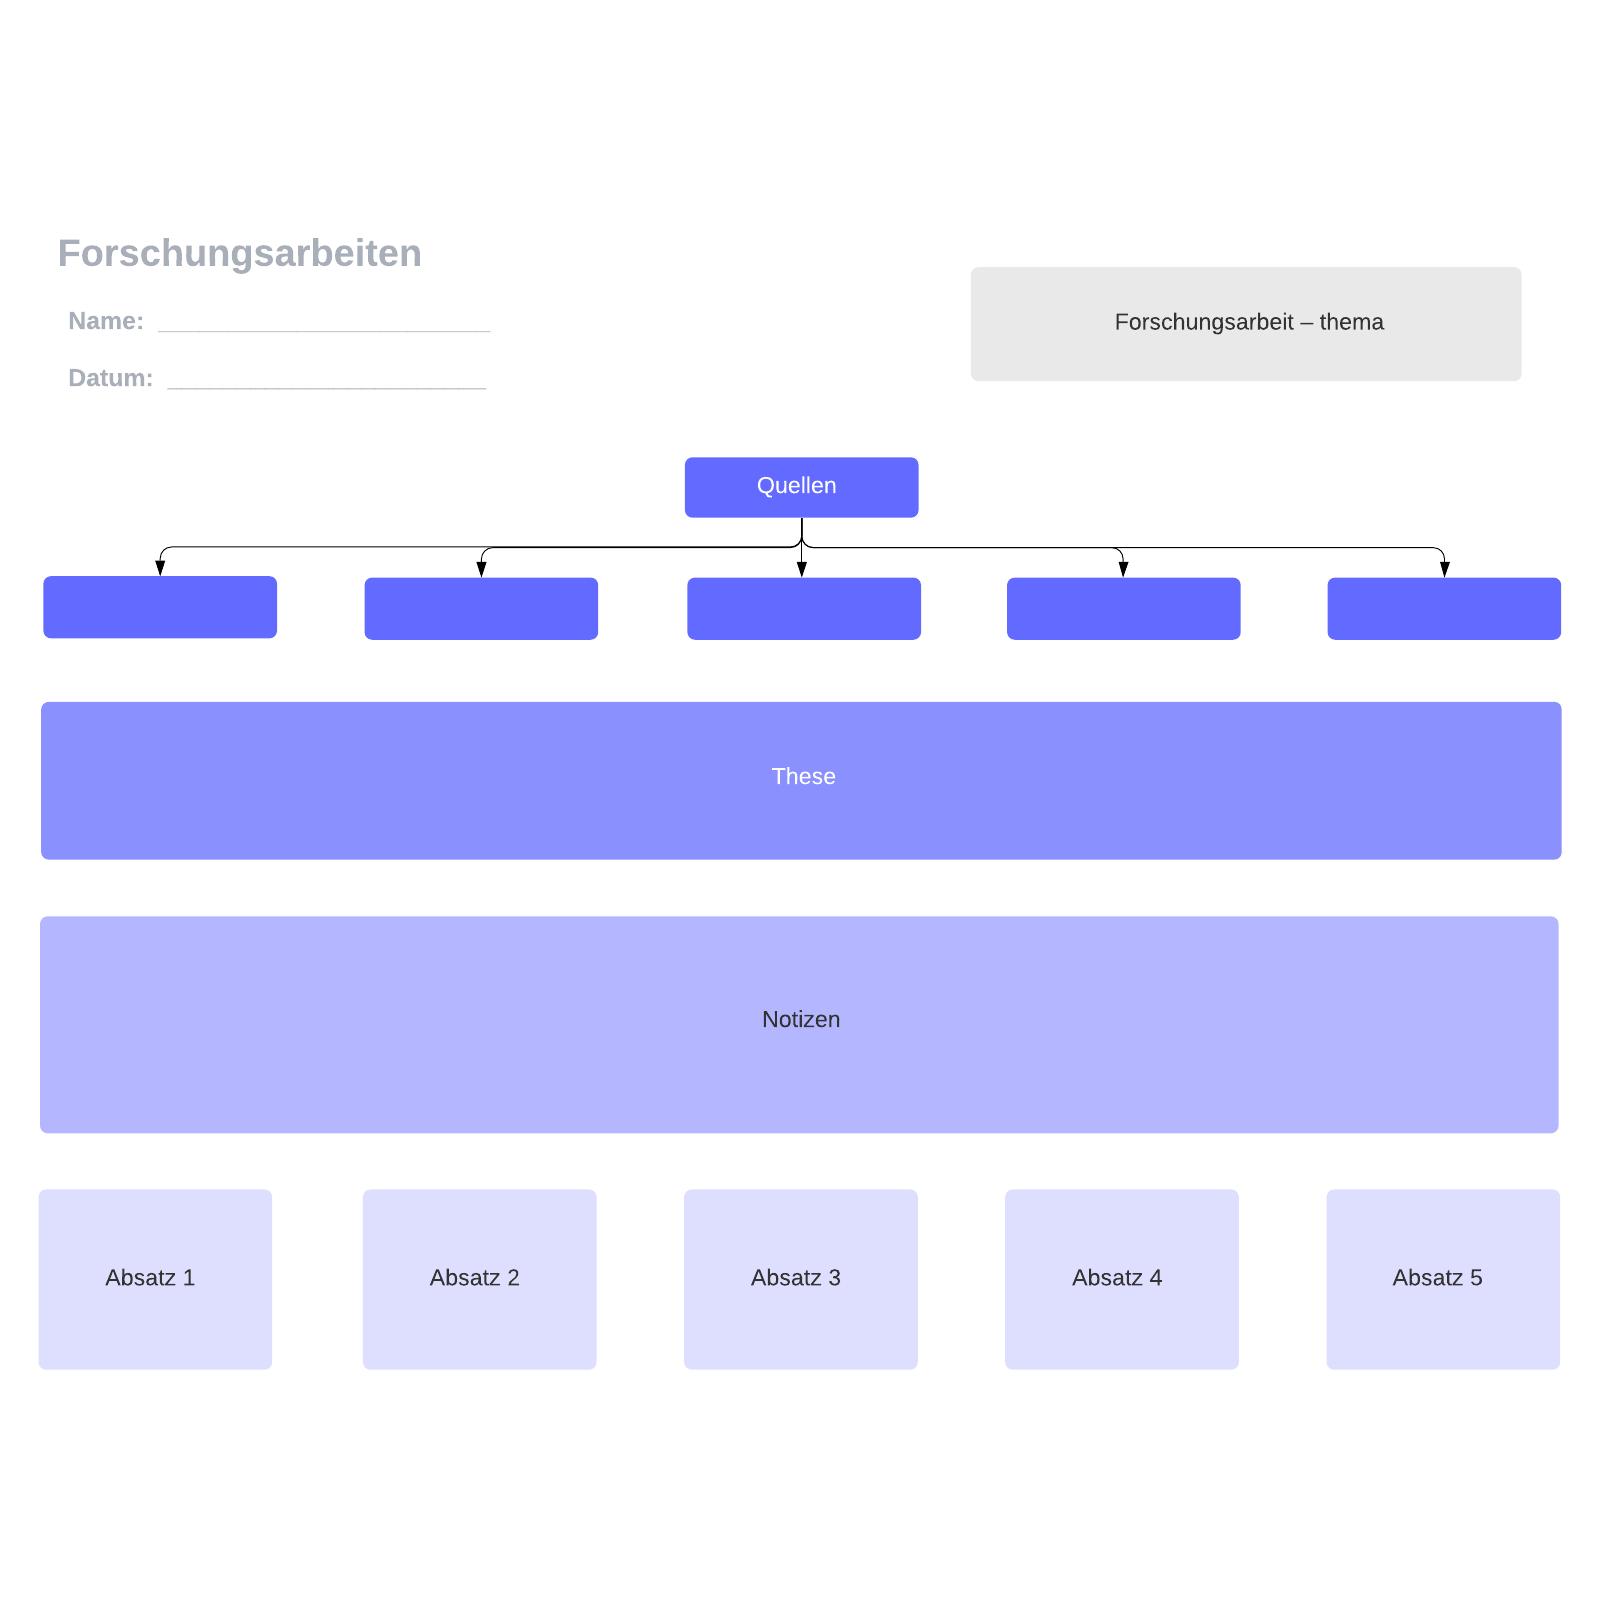 Planung einer Forschungsarbeit - Vorlage